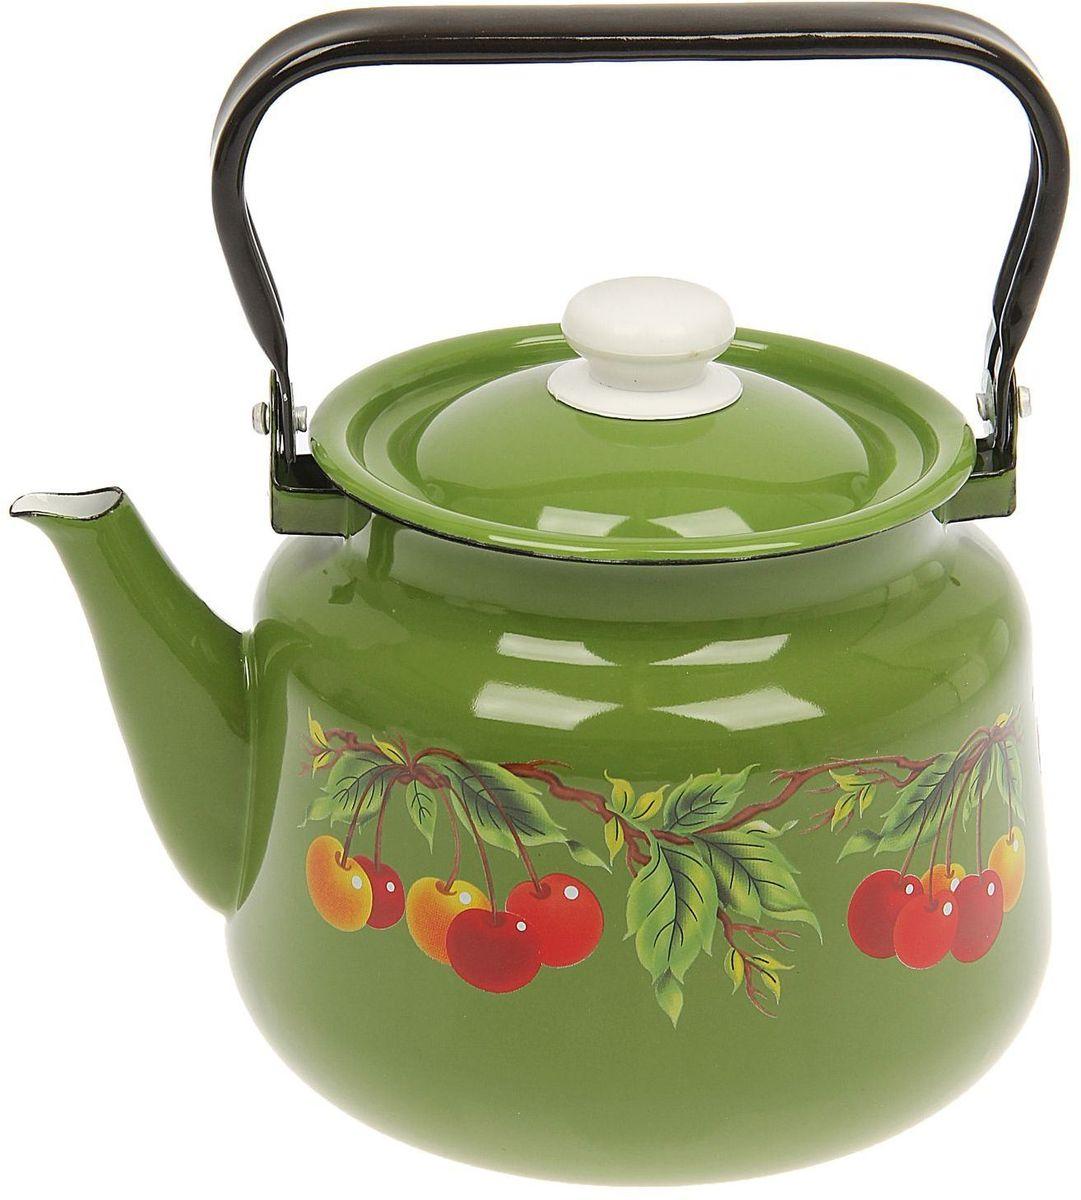 Чайник эмалированный Epos Зеленая вишня, 3,5 л115510Чайник Epos Зеленая вишня выполнен из высококачественной стали с эмалированным покрытием. Поверхность чайникагладкая, что облегчает уход за ним. Большой объемпозволит приготовить напиток для всей семьи илинебольшой компании. Эстетичный и функциональный чайник будеторигинально смотреться в любом интерьере. Душевная атмосфера и со вкусом накрытый стол всегда будут собирать в вашем доме близких и друзей.Чайник подходит для использования на всех типах плит,включая индукционные. Объем: 3,5 л.